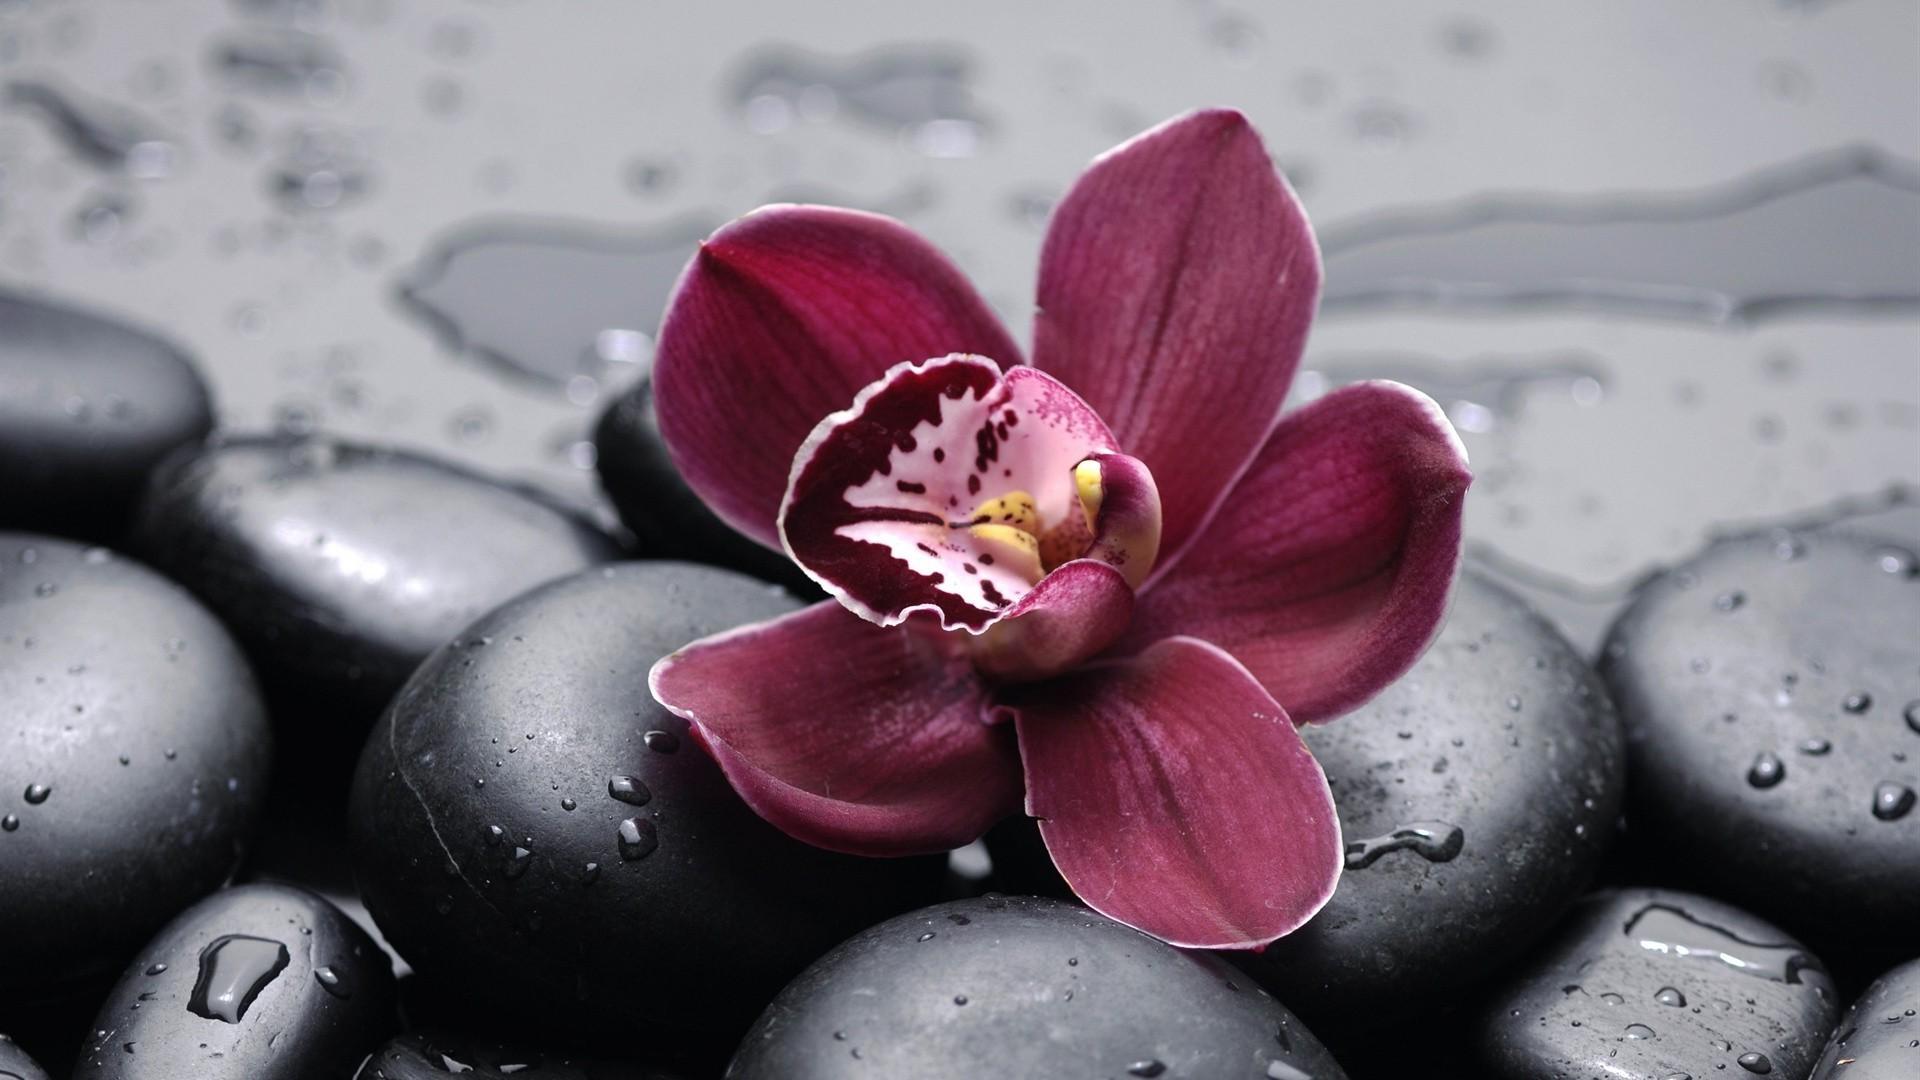 Обои на телефон необычные цветы